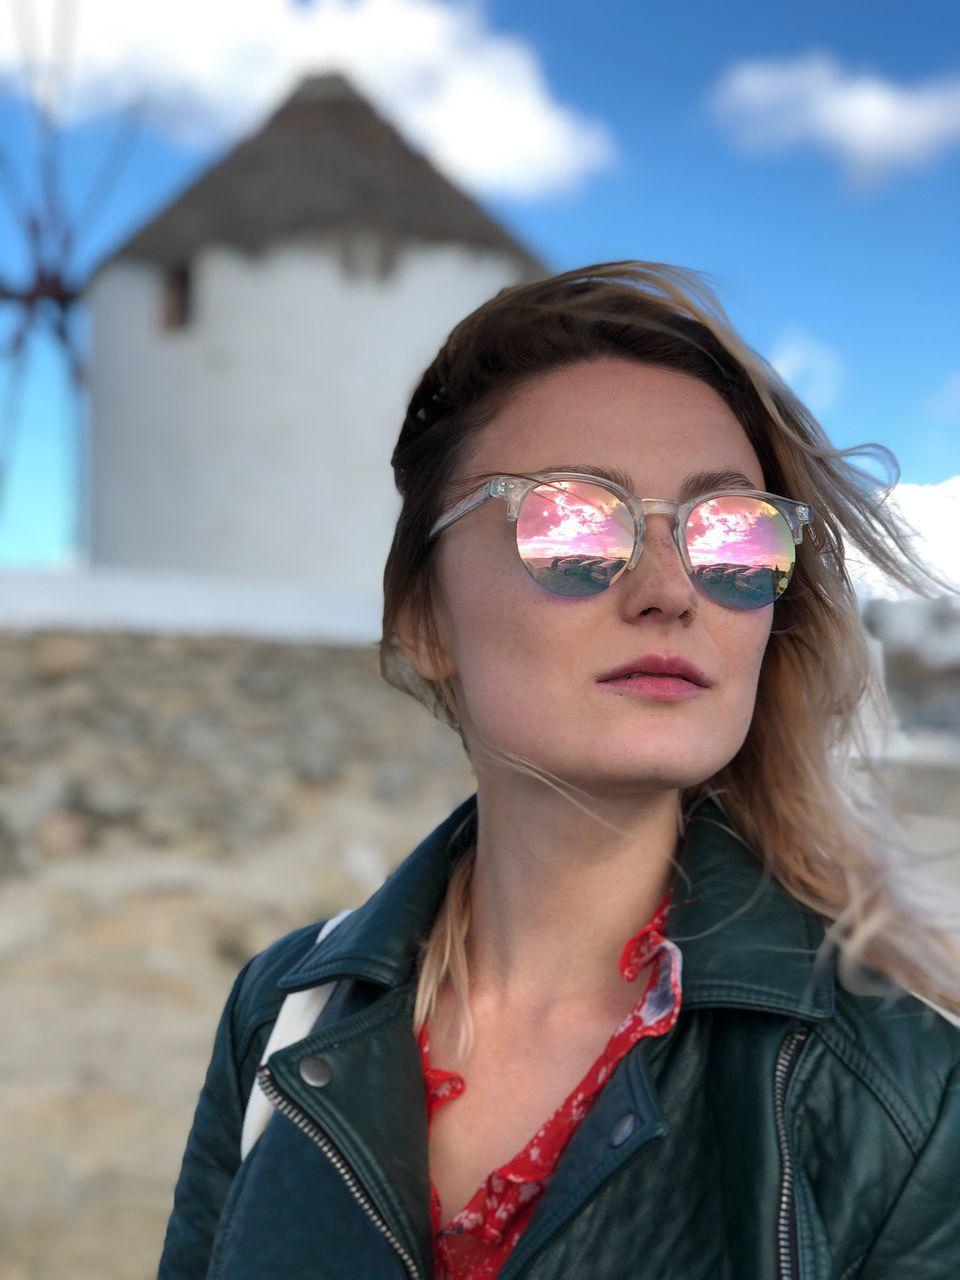 Close-Up Of Beautiful Woman Wearing Sunglasses